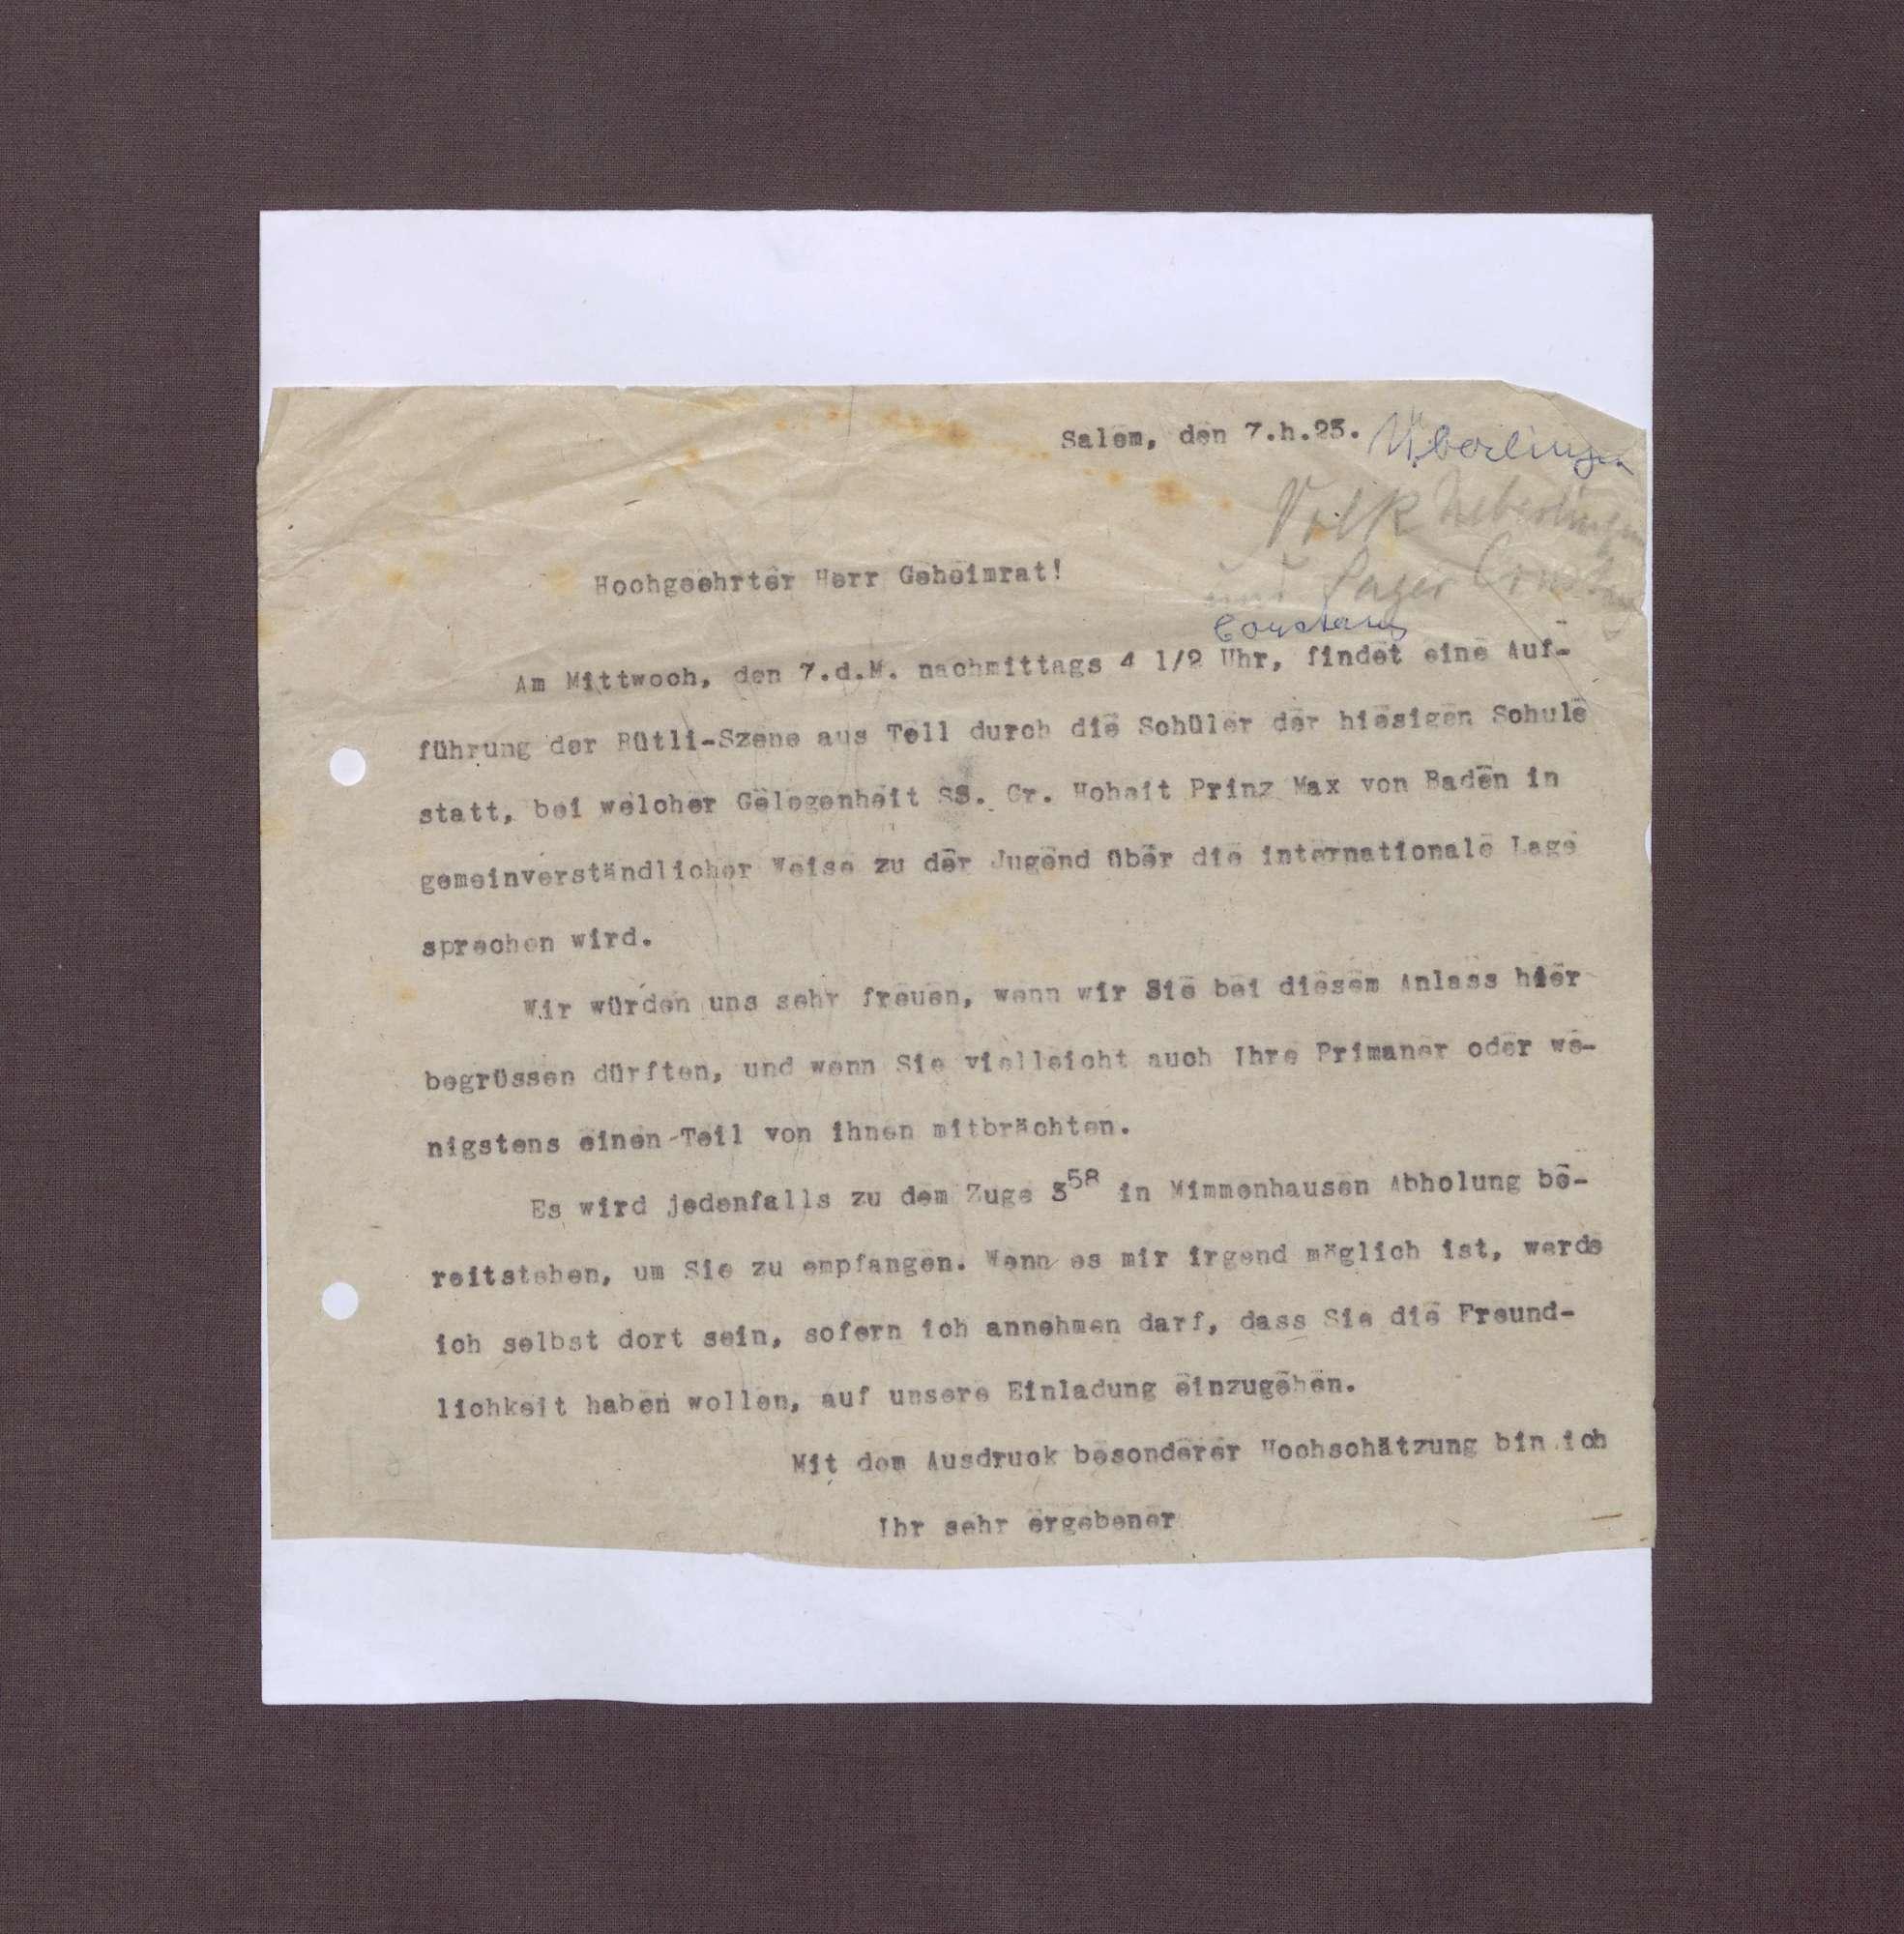 Einladung von Kurt Hahn an Friedrich Payer zur Teilnahme an einer Schulaufführung, Bild 1